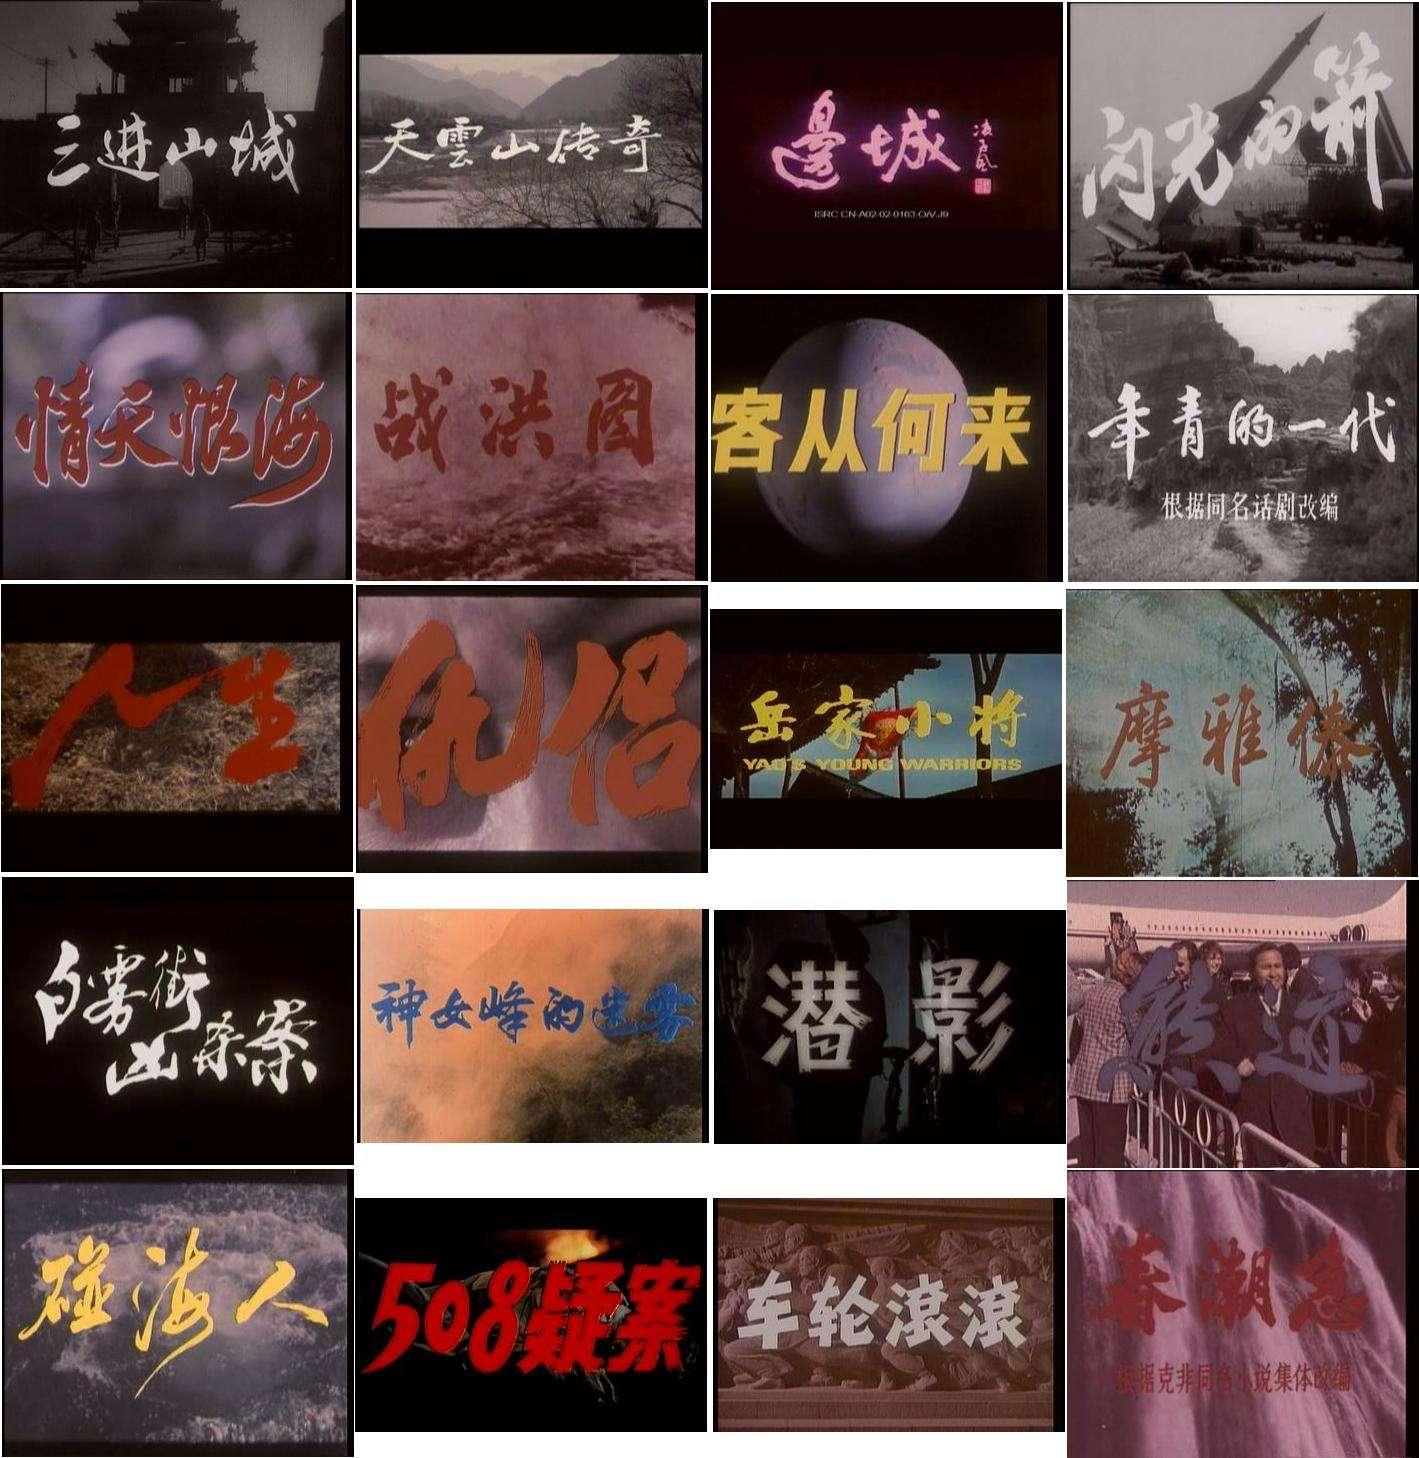 国产经典电影20部(视频) - 青阳正刚 - 青阳正刚的博客